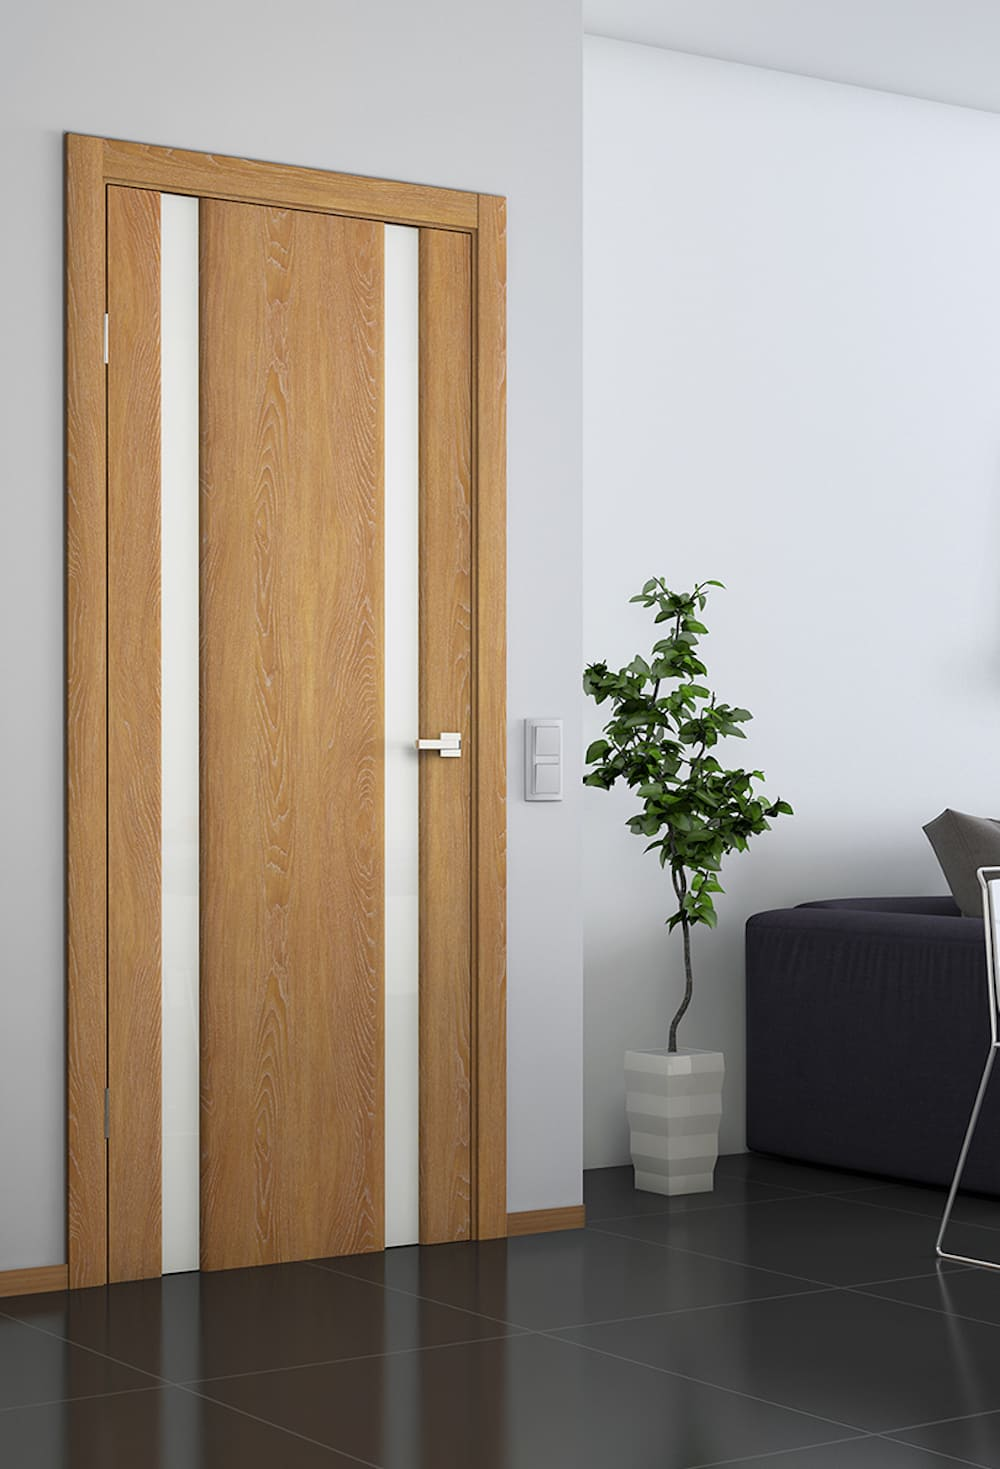 portes intérieures photo 20